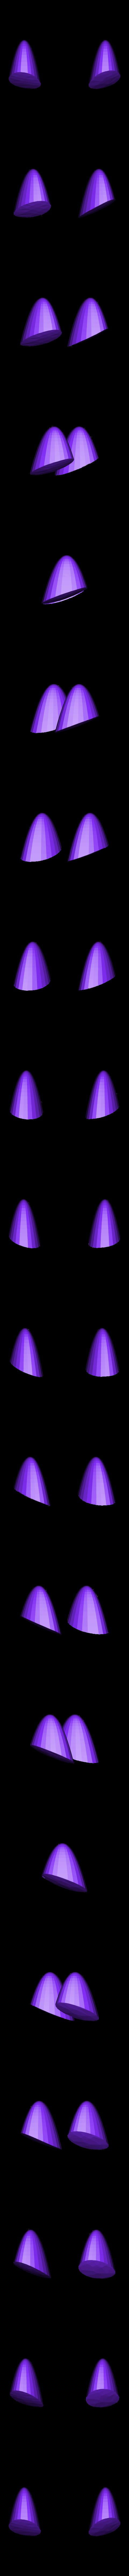 Pumpkin_eyes.stl Télécharger fichier STL gratuit Steven Universe Citrouille • Modèle imprimable en 3D, sh0rt_stak